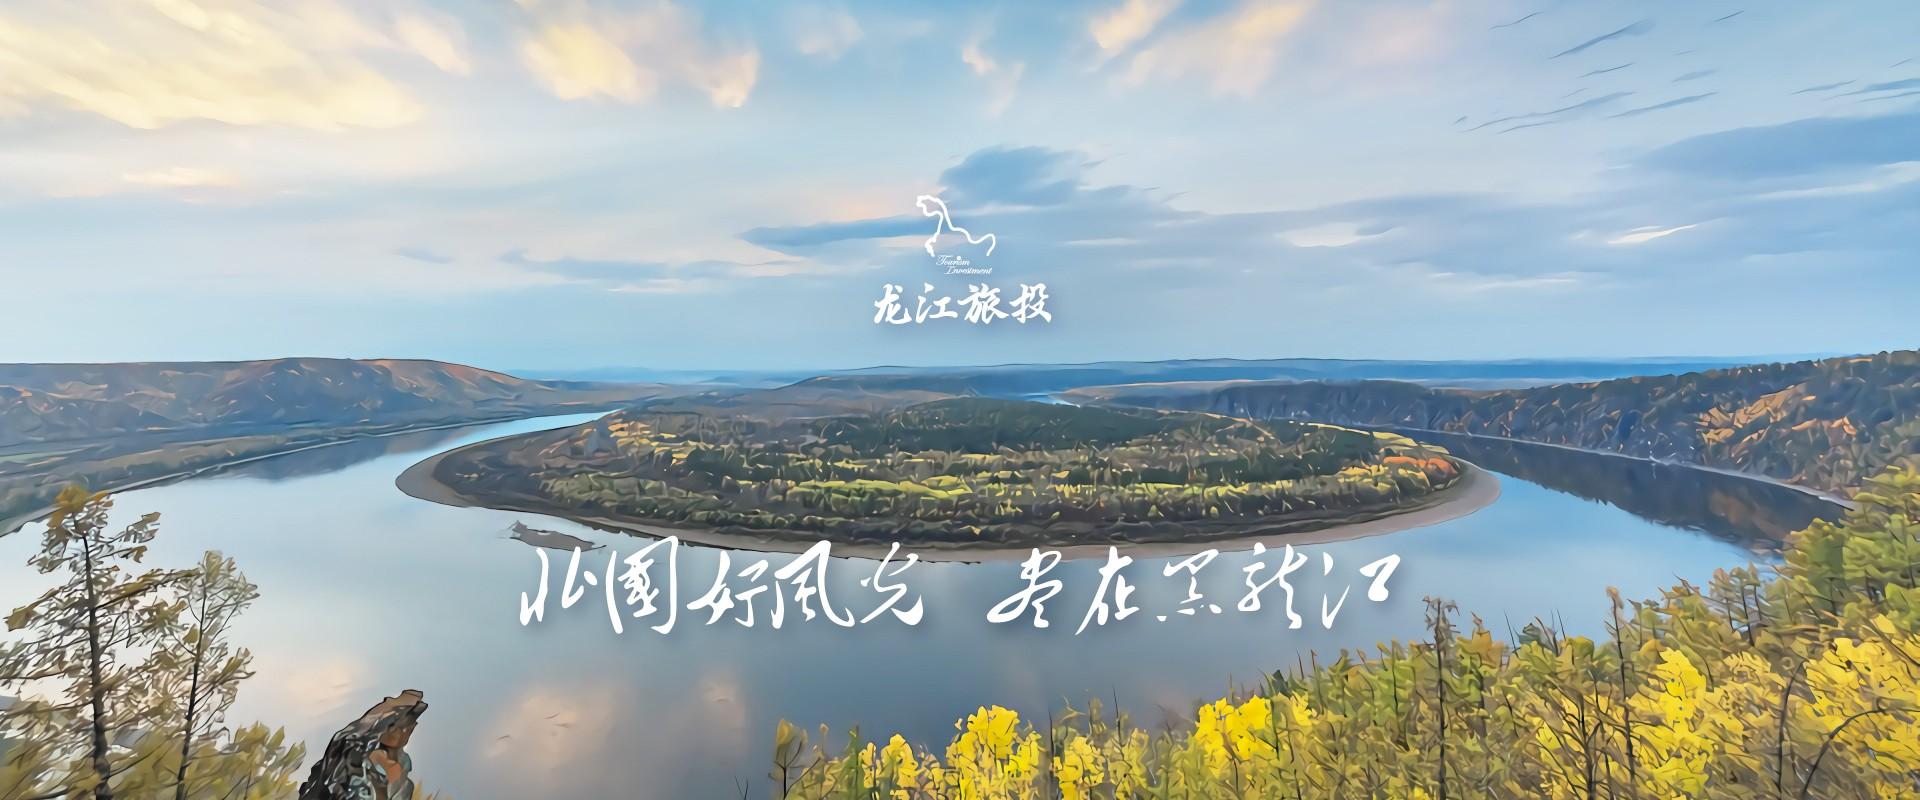 黑龙江-秋